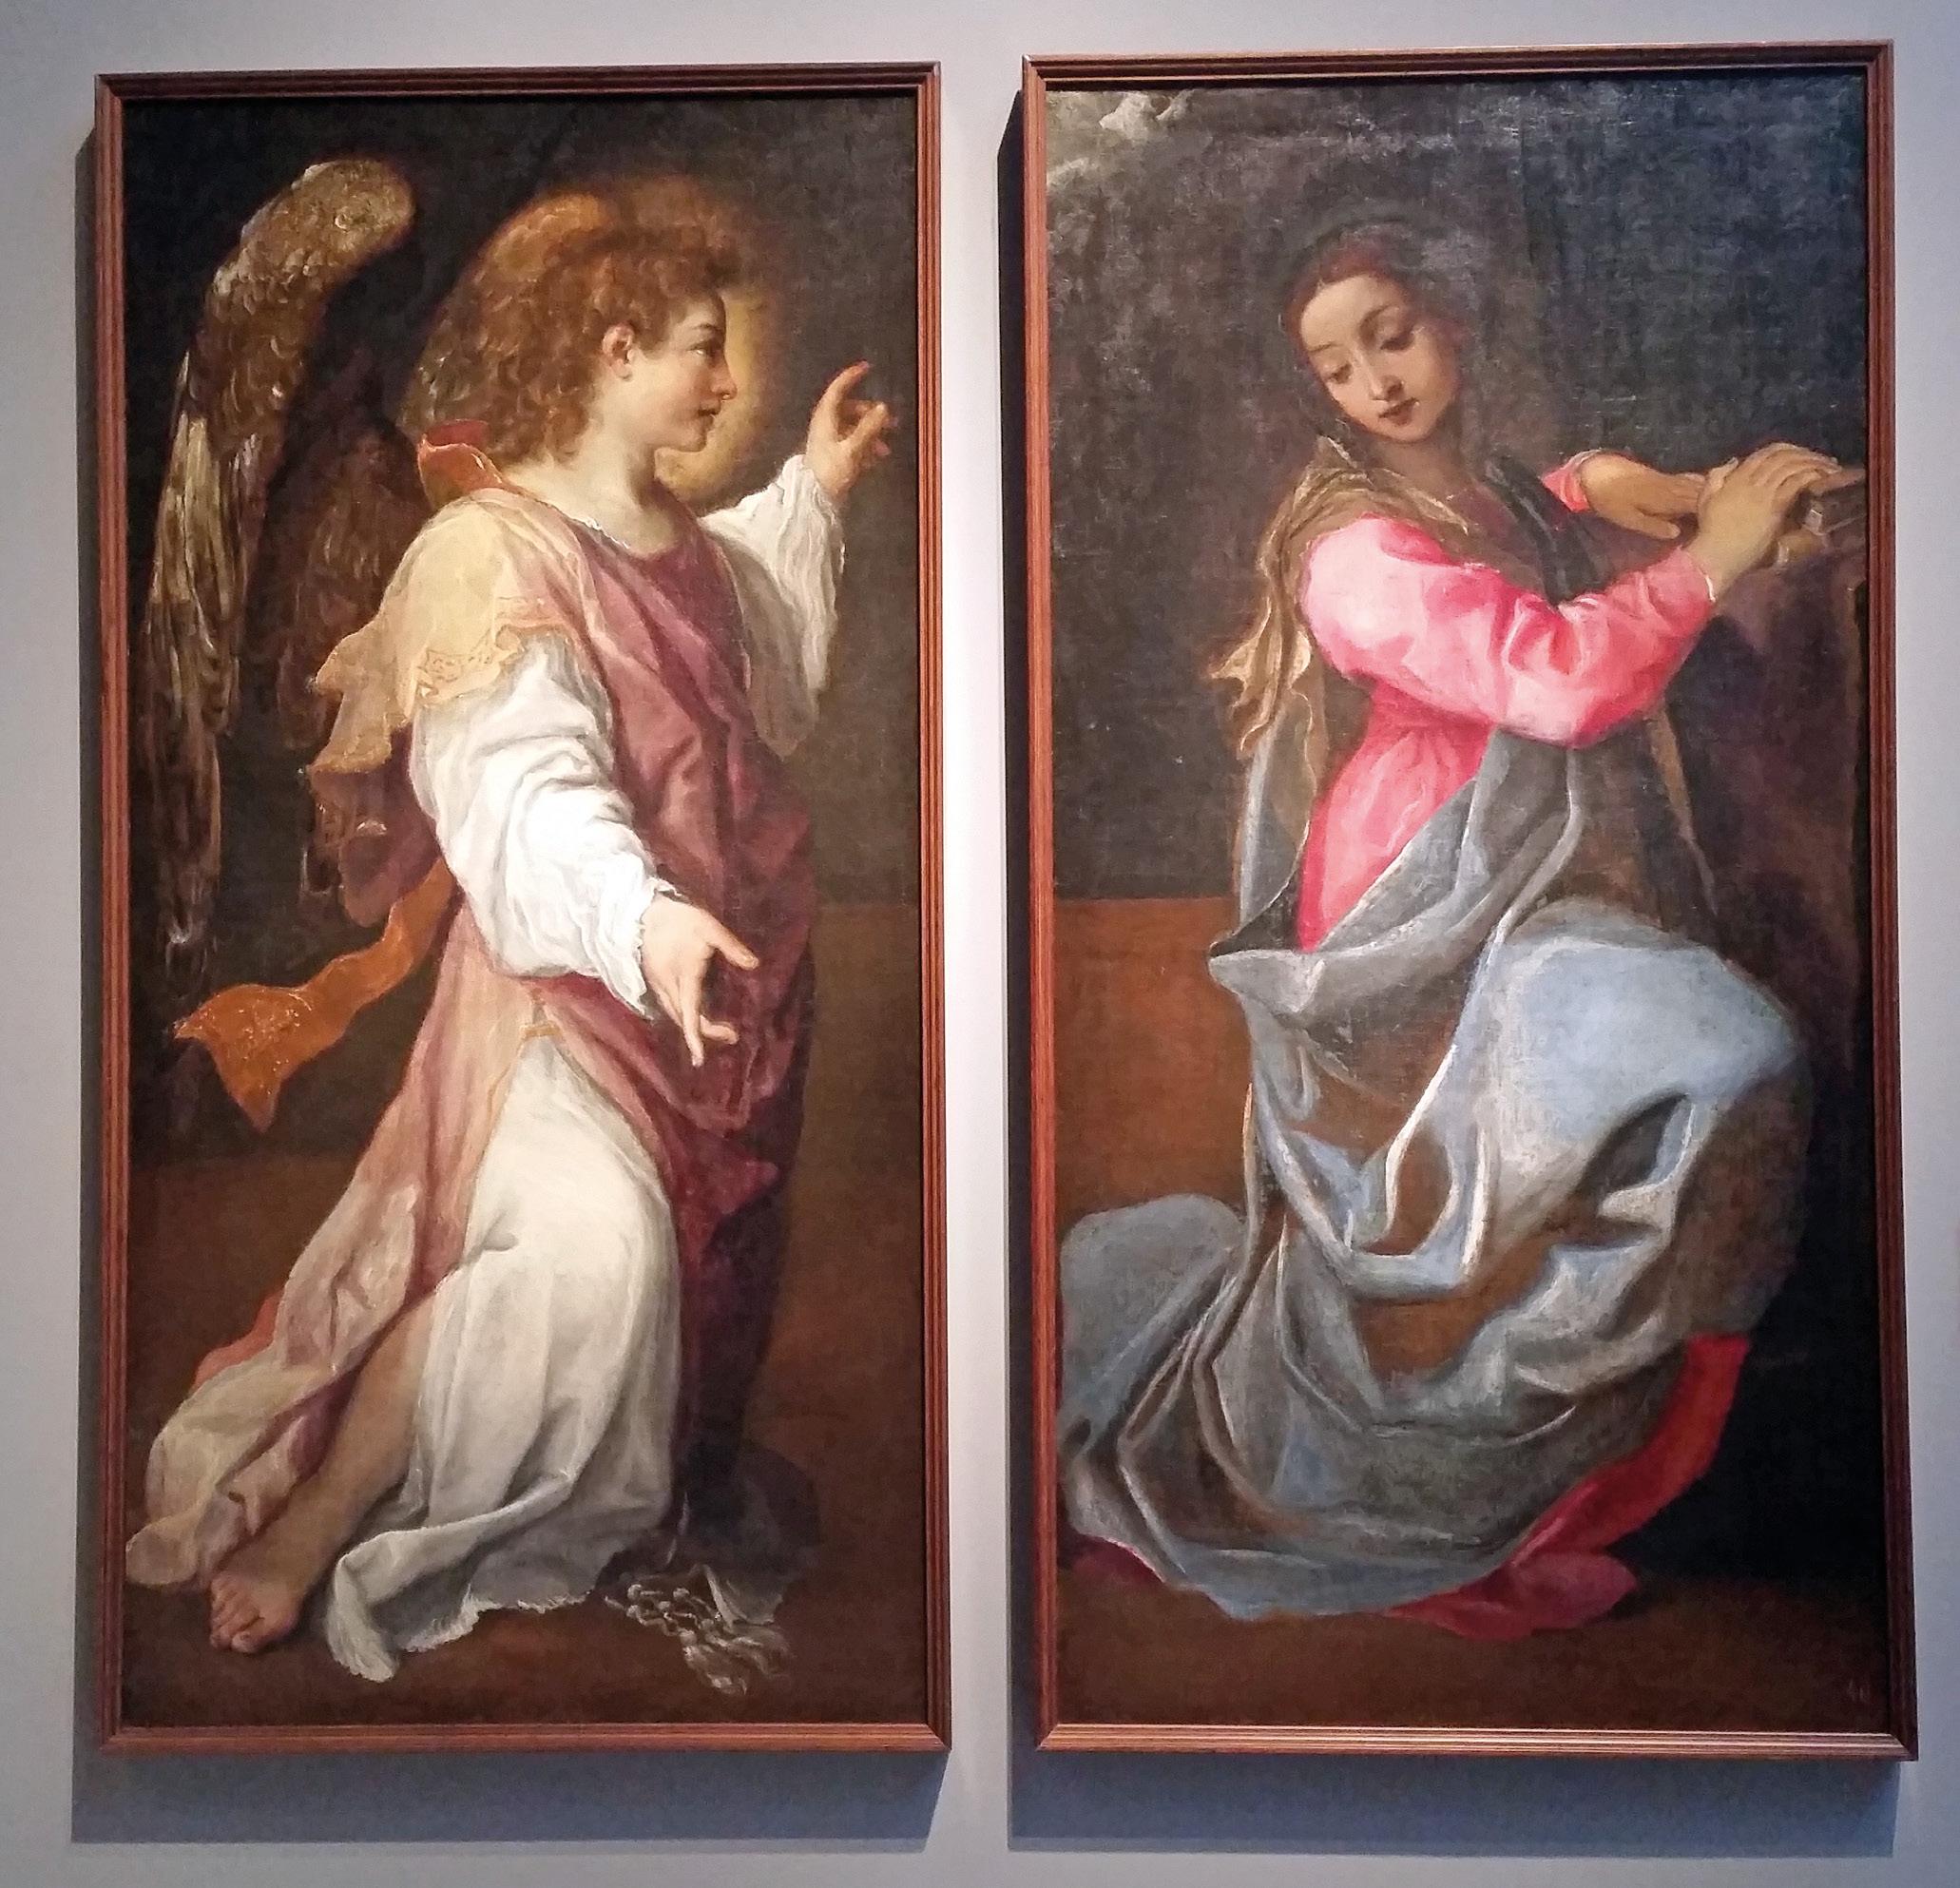 Anunciação do anjo Gabriel a Maria Óleo sobre tela de Annibale Carracci, sec. XVI, Pinacoteca Bacional de Bolonha. Commons Wikimedia.